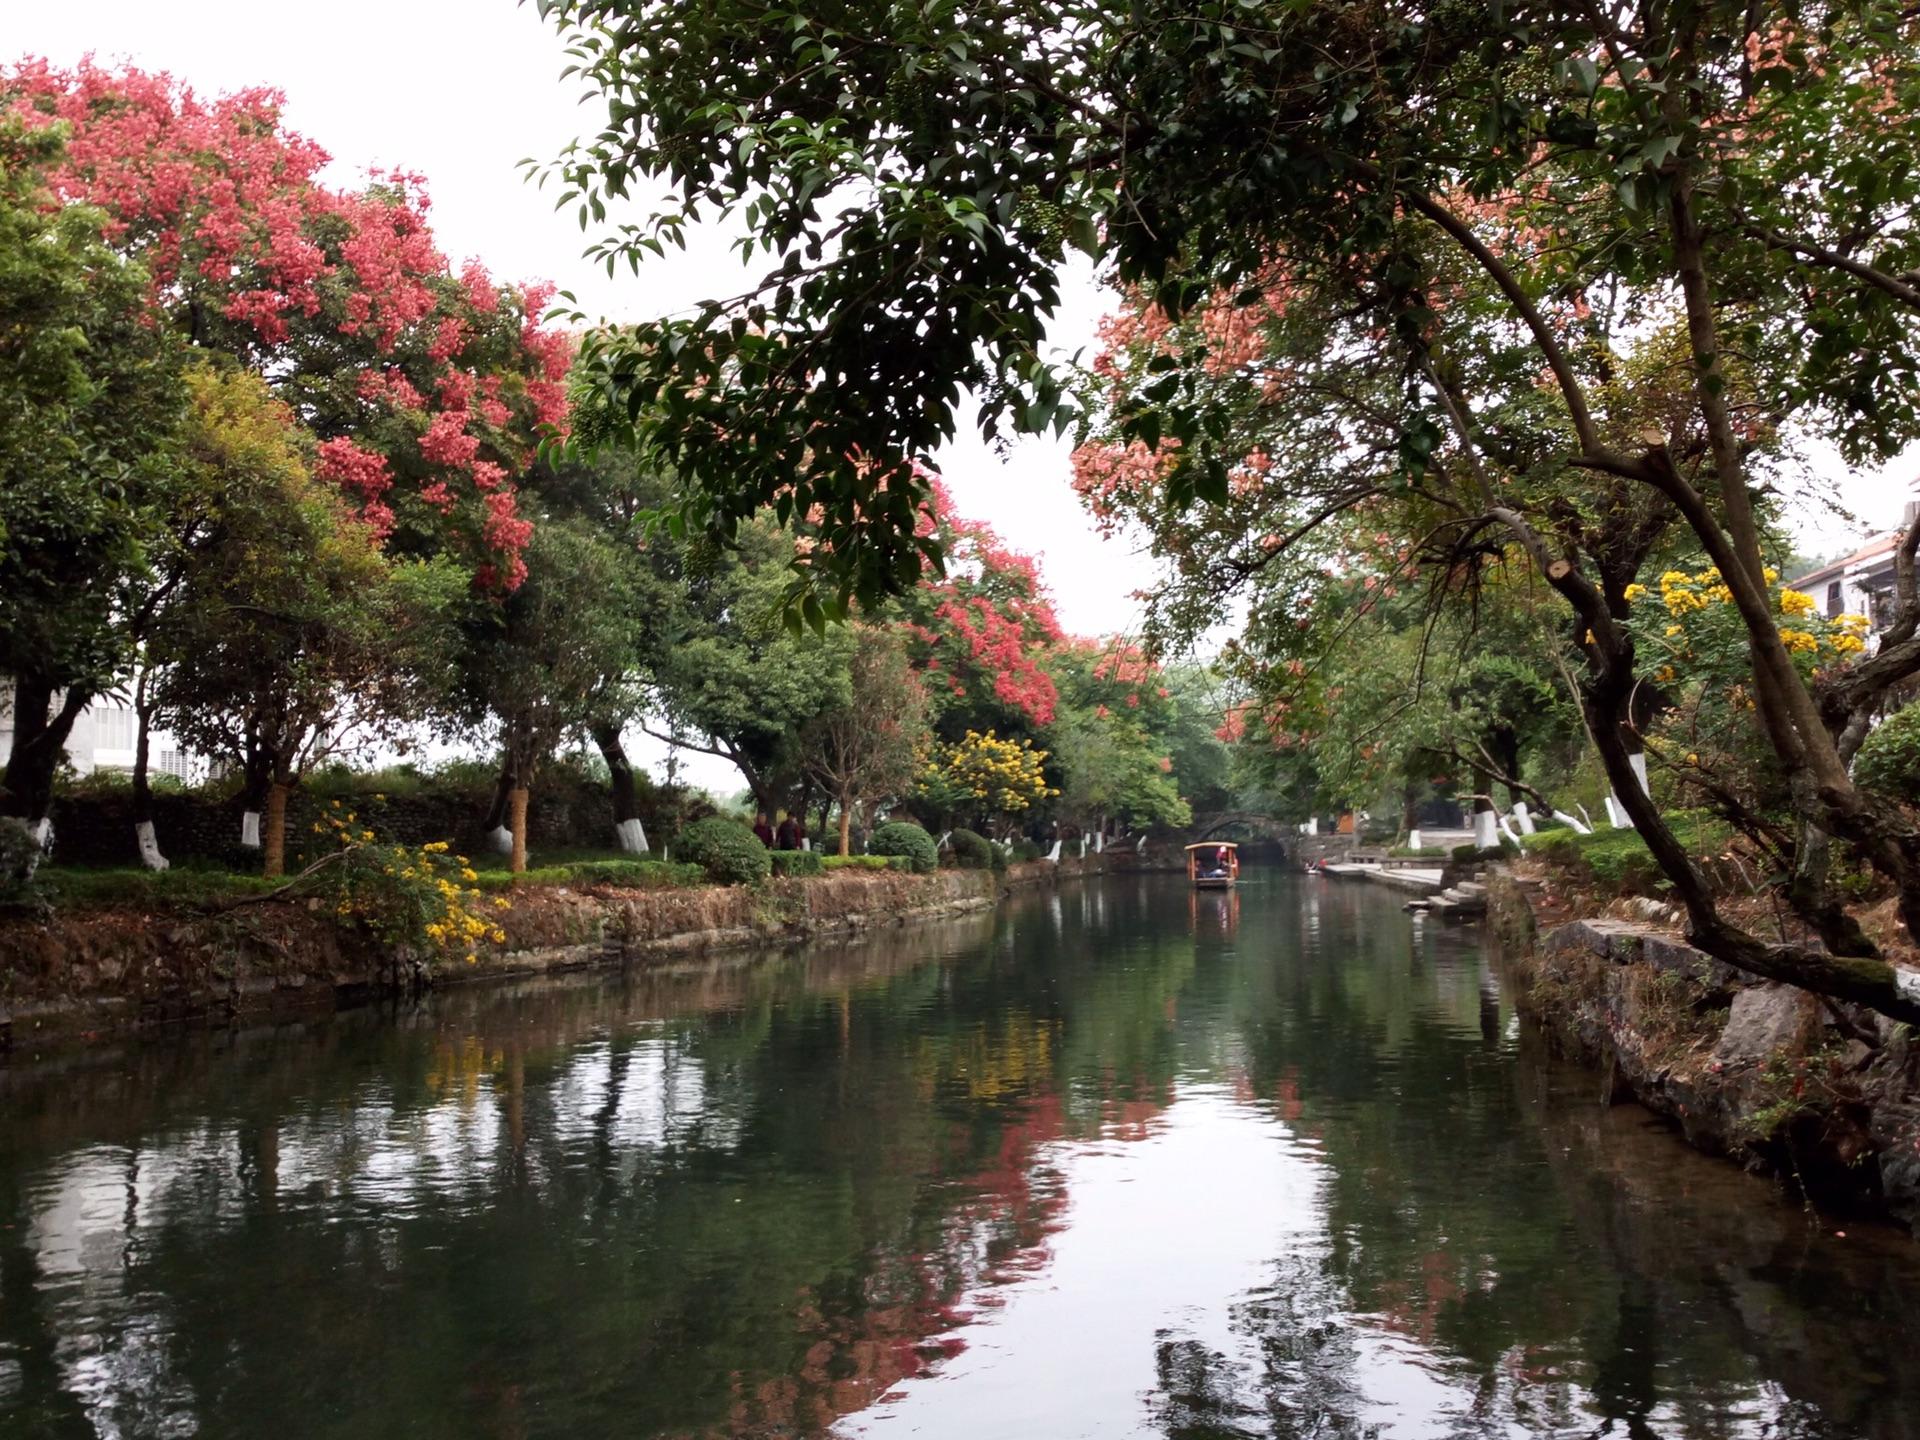 幽静秀美的桂林兴安水街